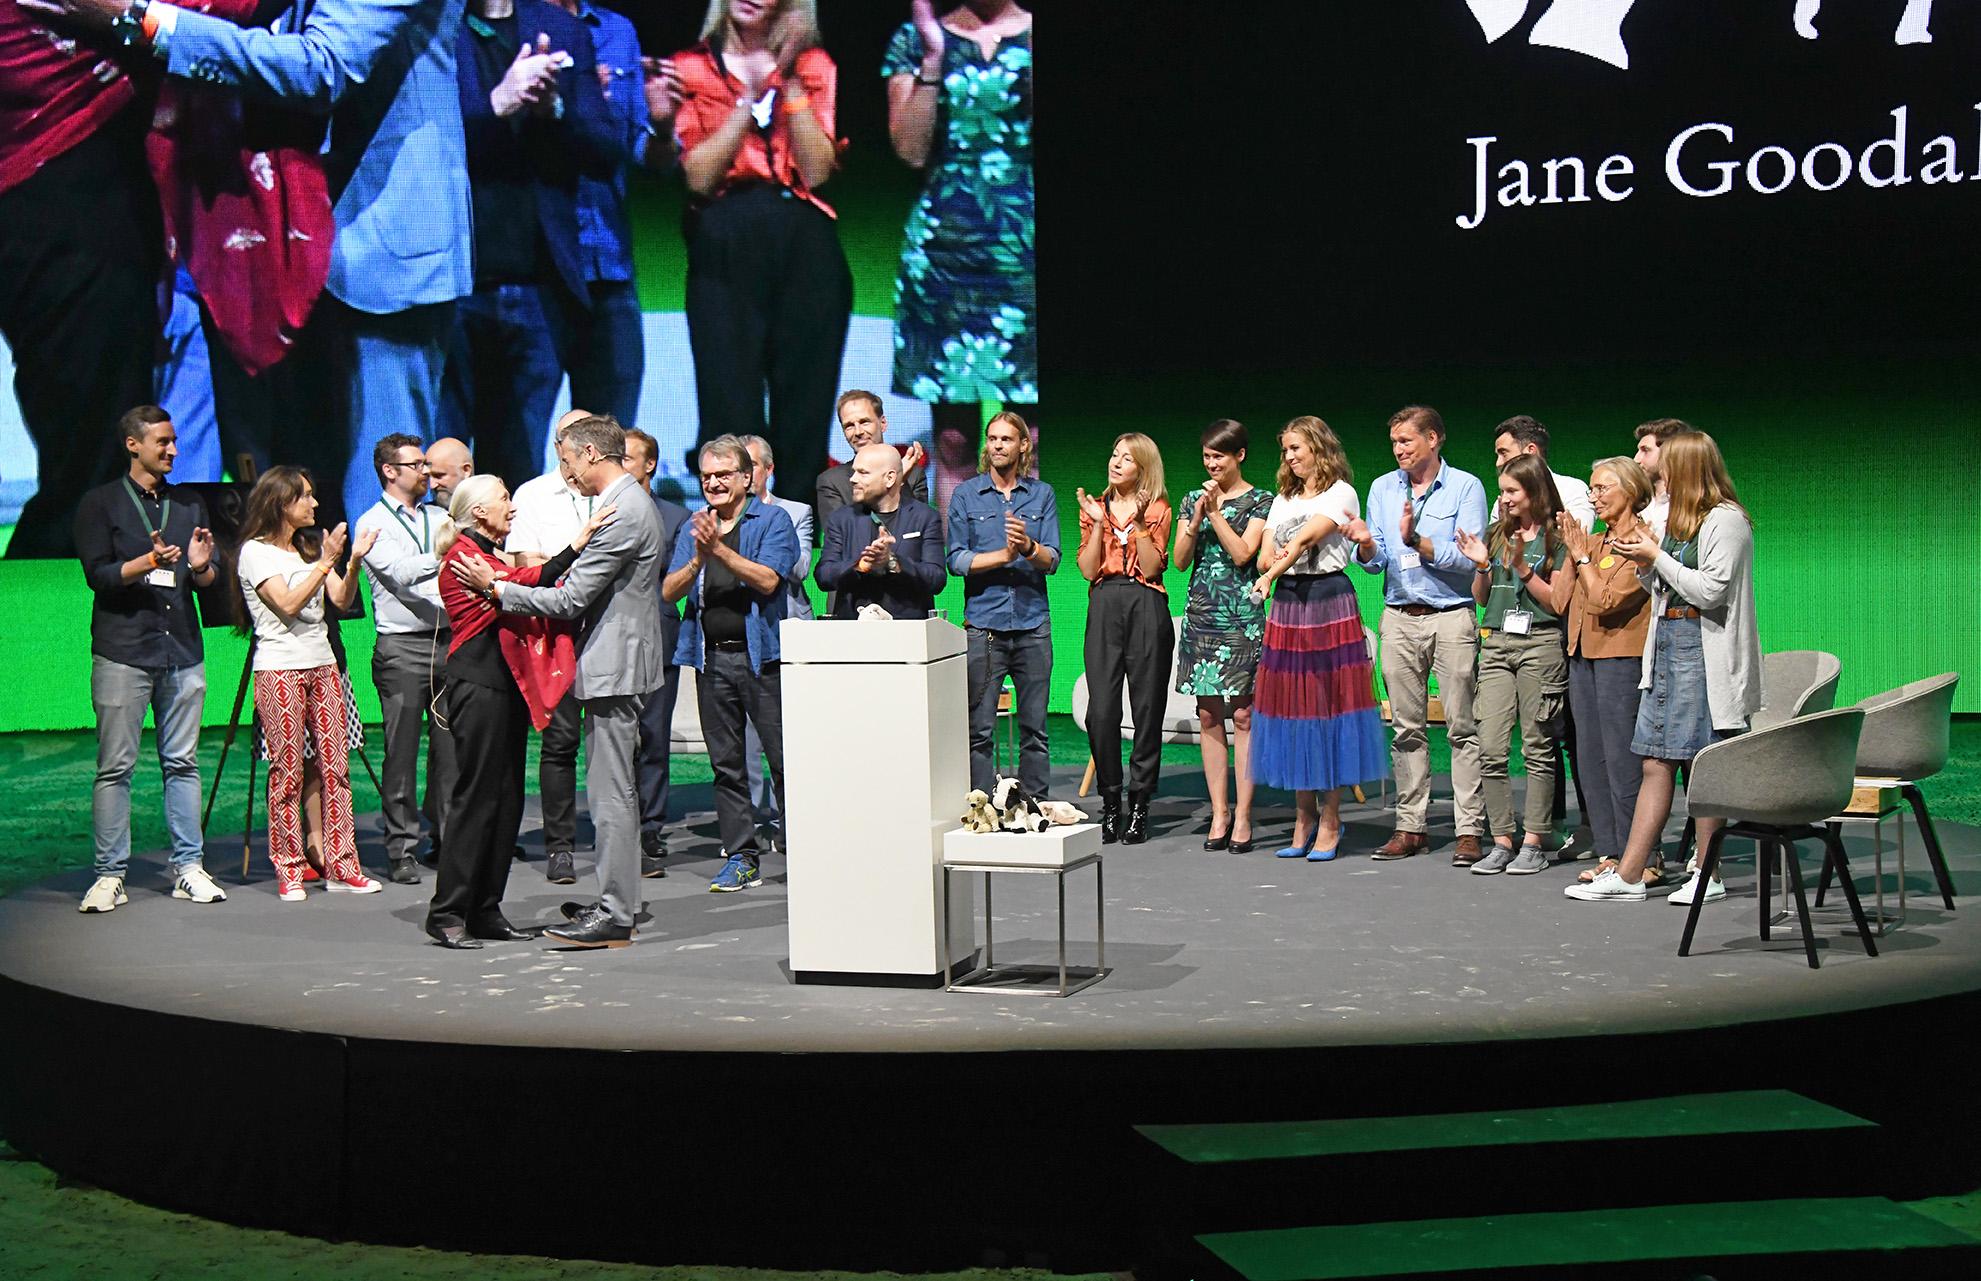 Alle bedanken sich bei Jane